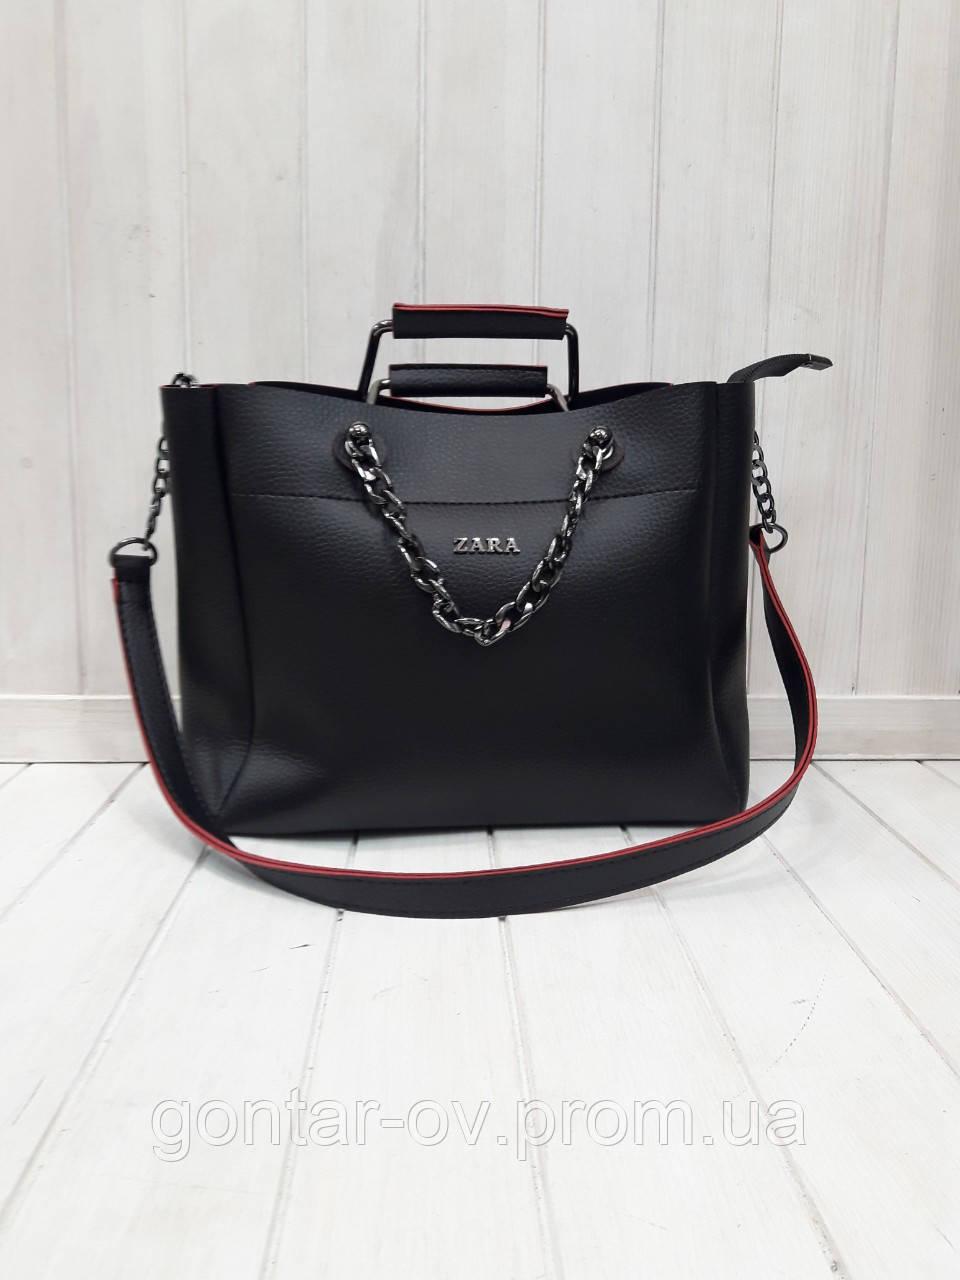 Женская сумка Зара черная